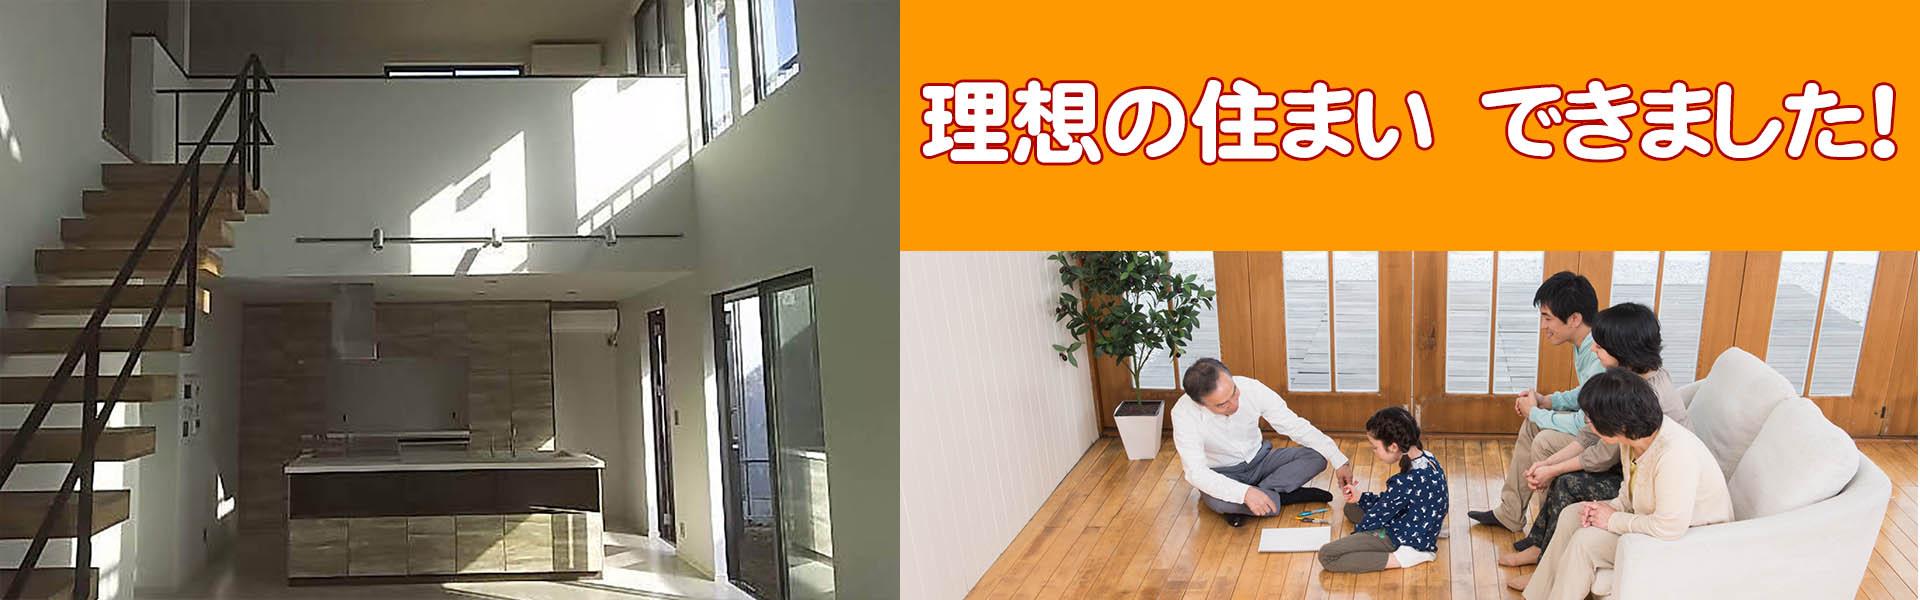 理想の住まいできました 埼玉県狭山市 指田建設の施工事例